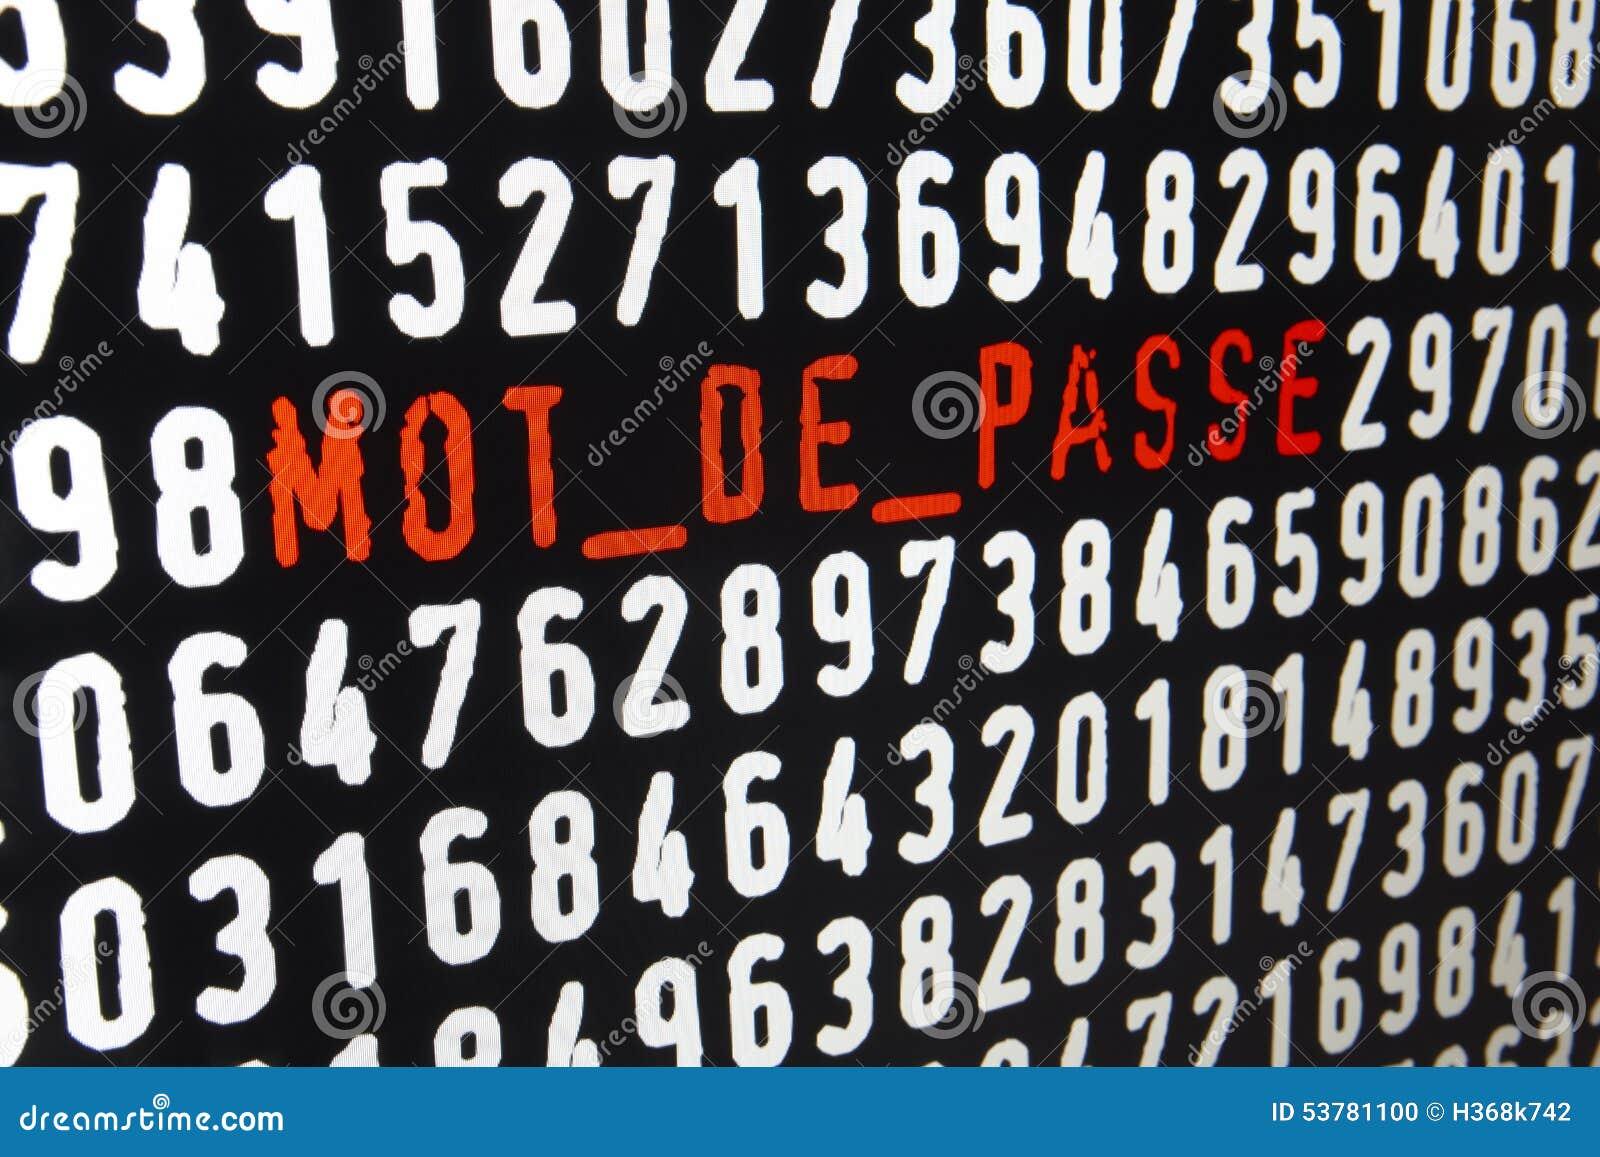 Ekran komputerowy z mot de passe tekstem na czarnym tle